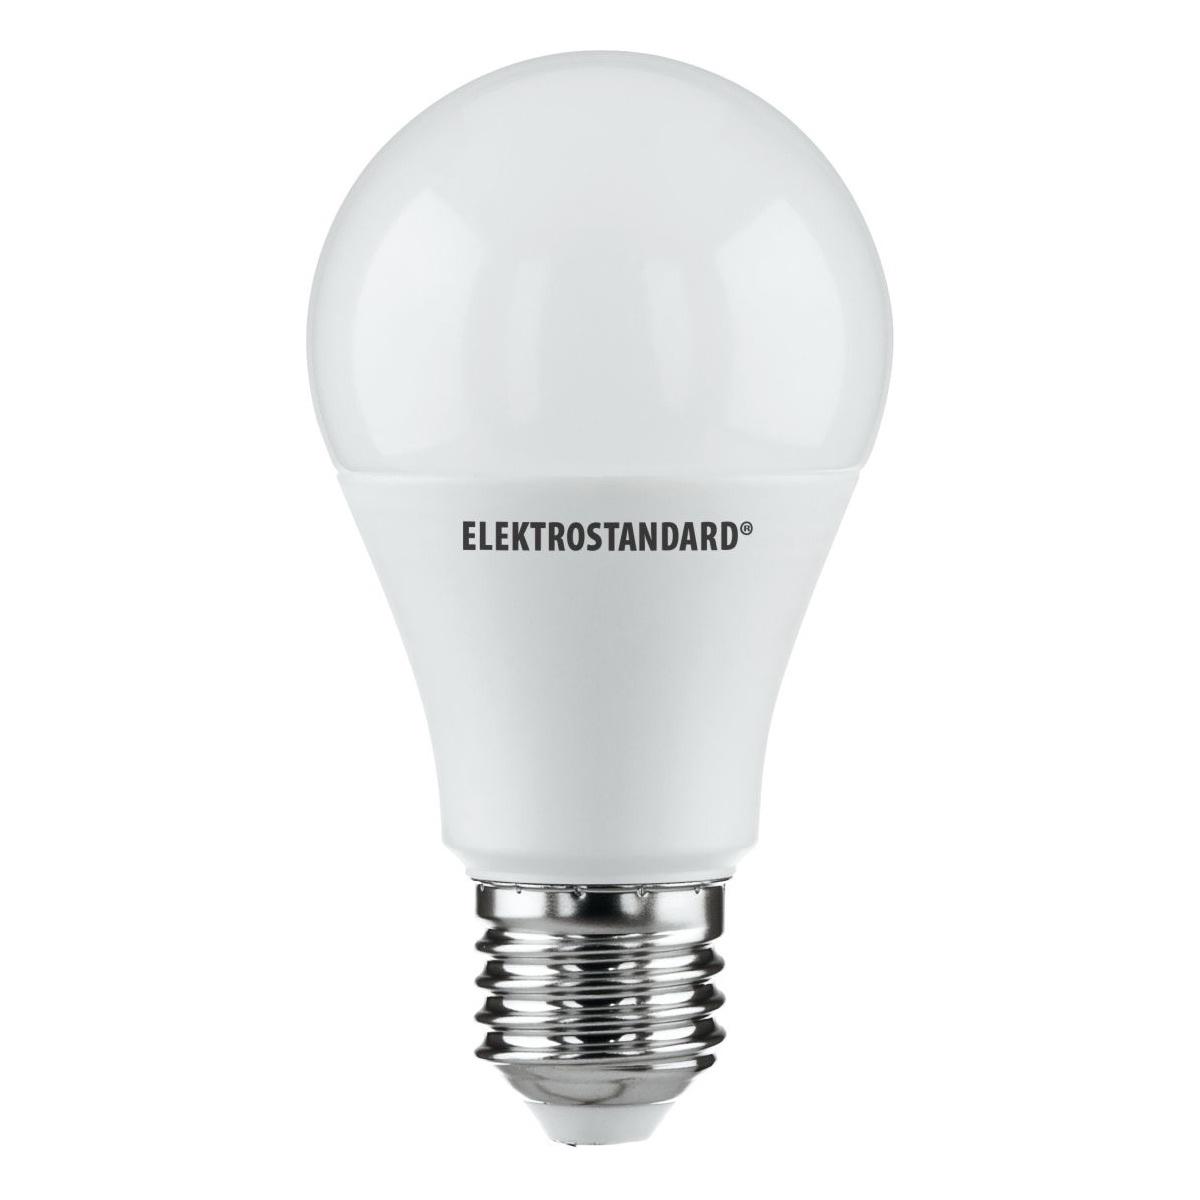 Лампочка Elektrostandard светодиодная Classic LED D 12W 3300K E27, Теплый свет 12 Вт, Светодиодная лампы светодиодная elektrostandard classic led d 7w 4200k e27